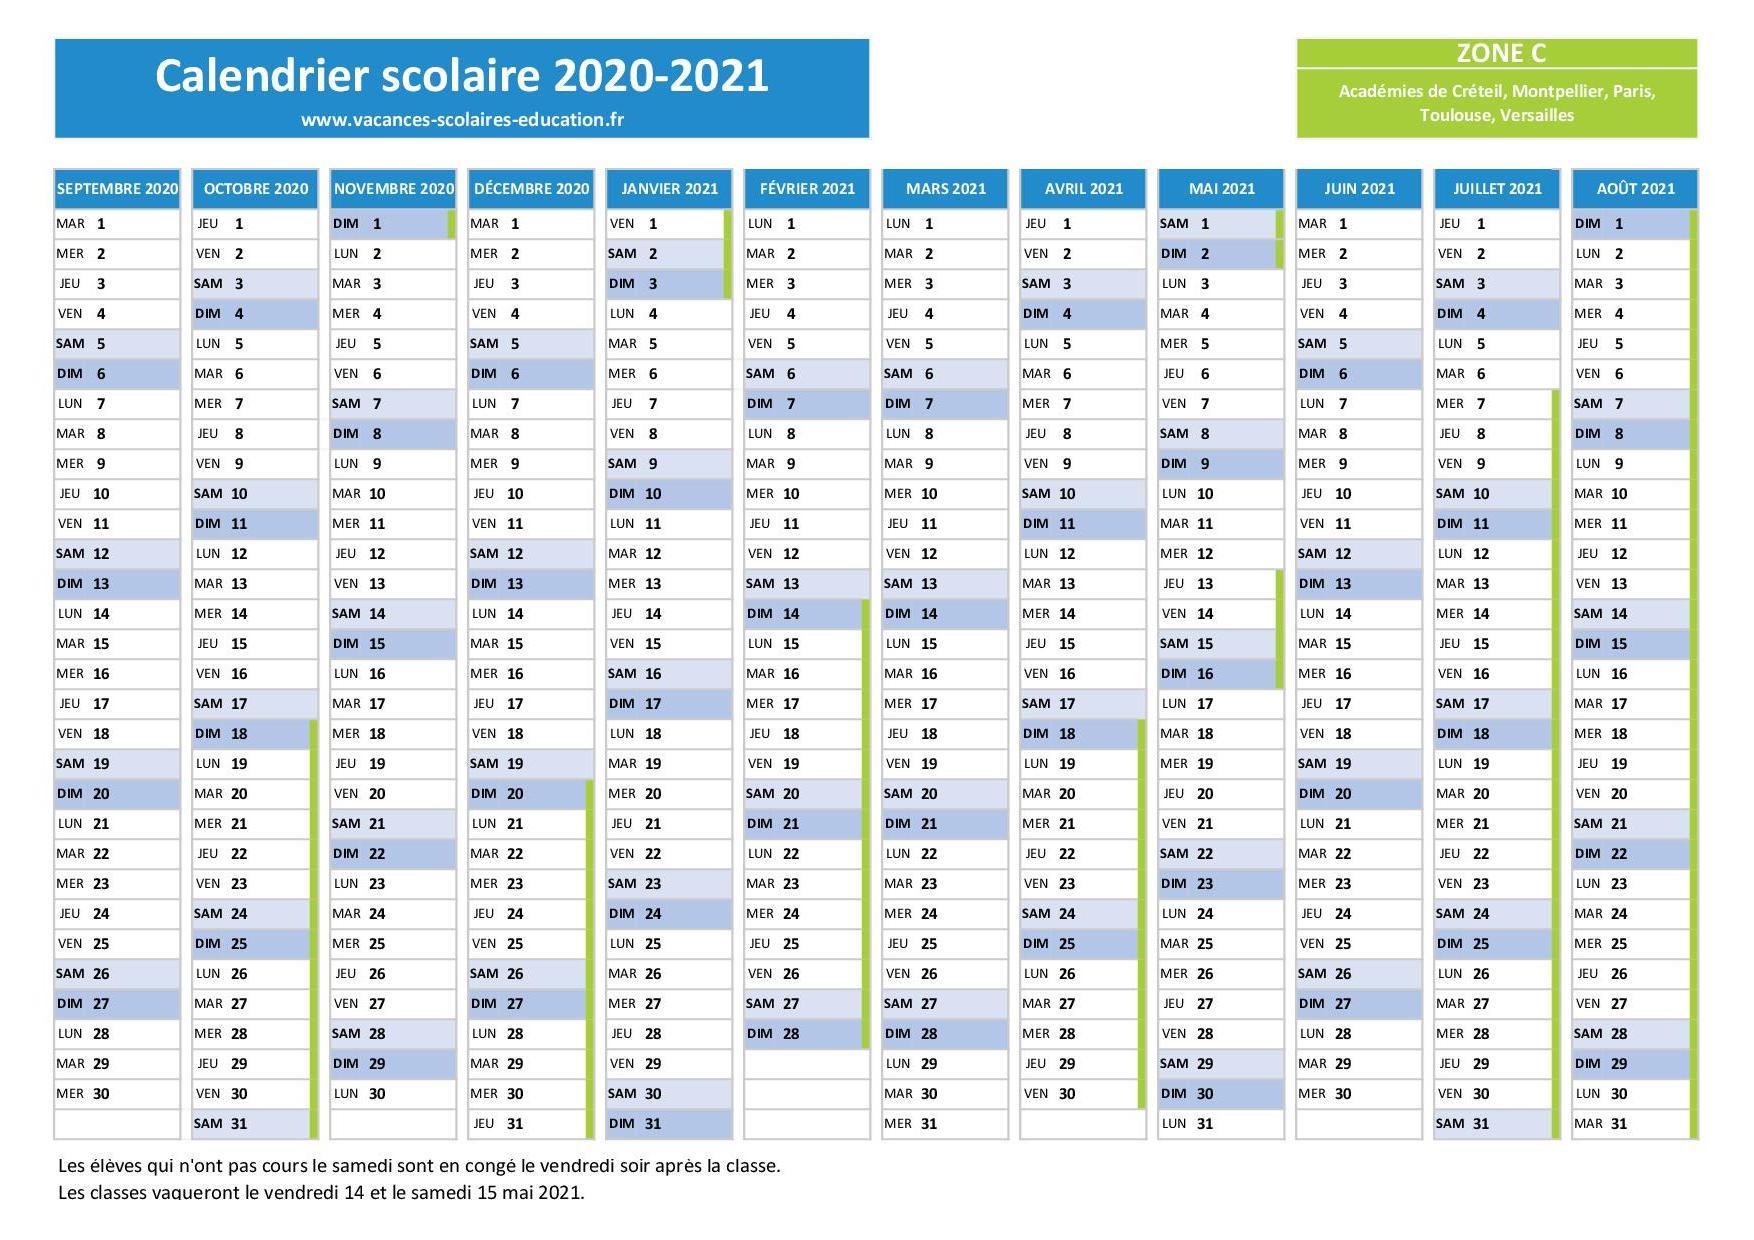 Vacances scolaires Paris   Calendrier scolaire 2020 2021 et 2021 2022